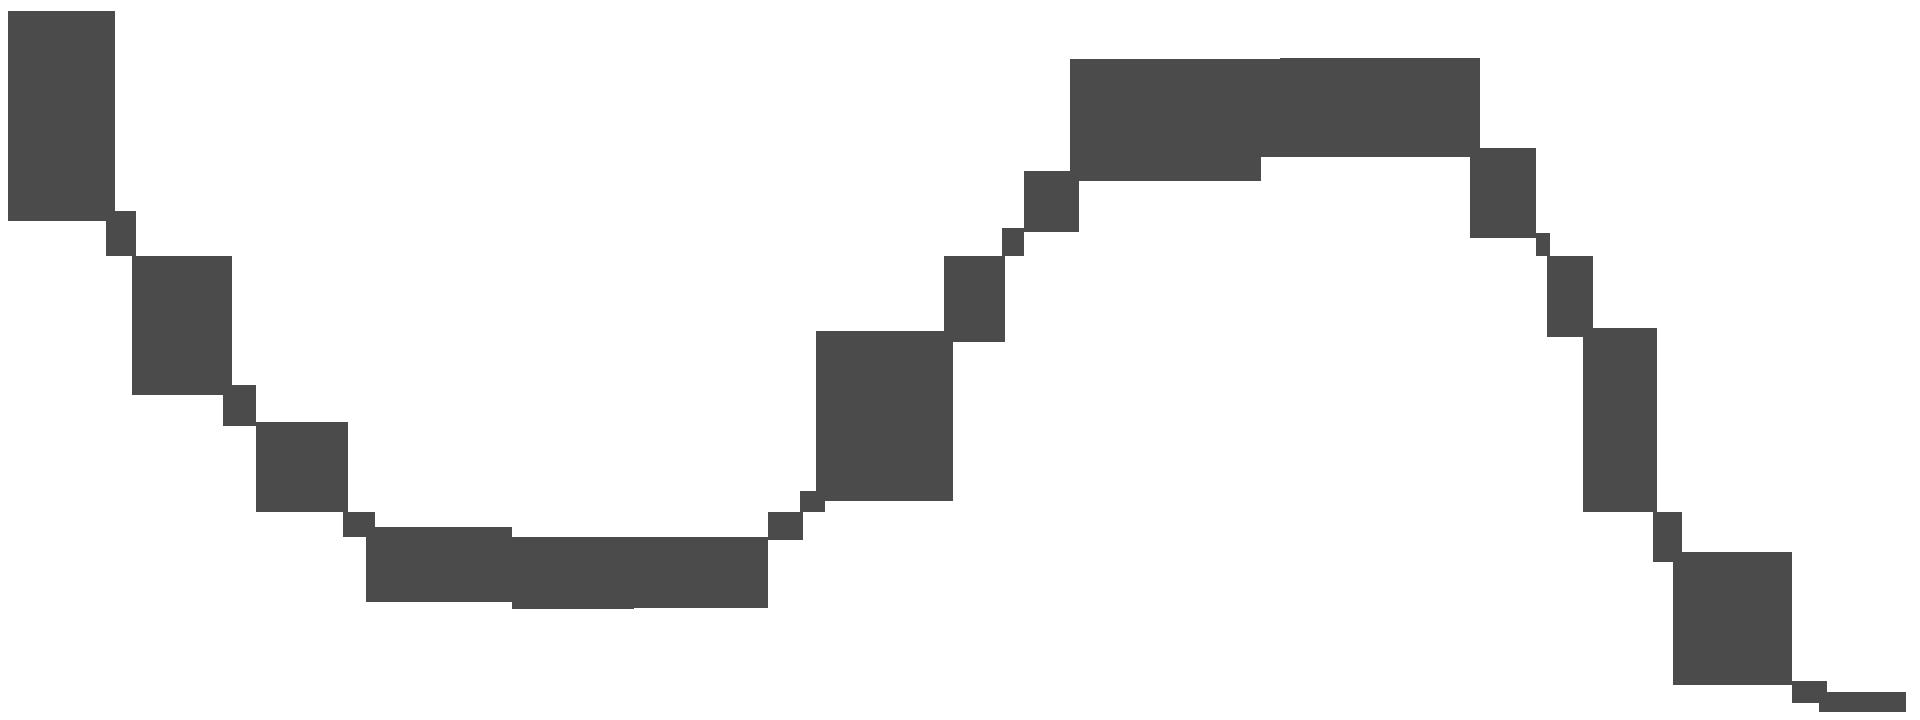 Schnittstellen zwischen den AMS Produkten ermöglichen Ihnen einen schnellen & reibungslosen Workflow. Hintergrundbild schwarze geschwungene Linie